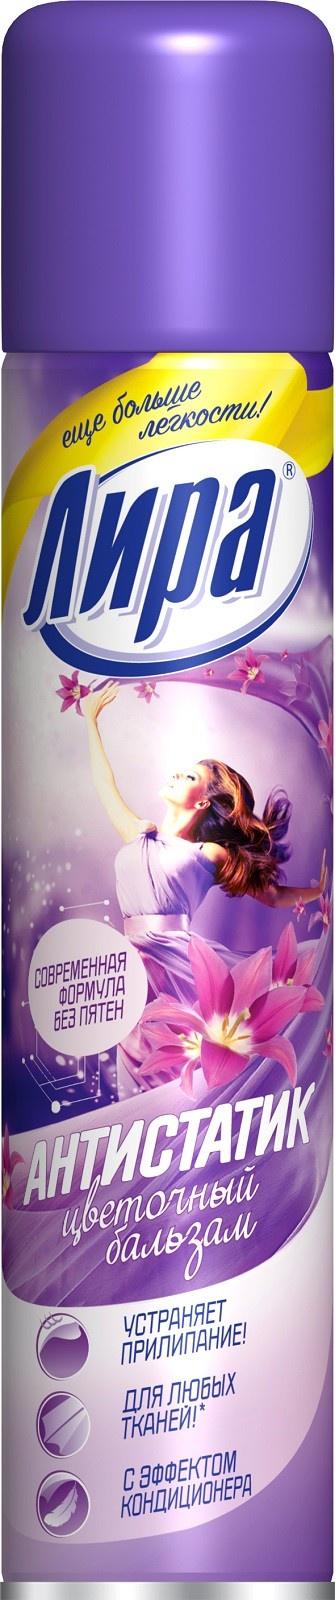 Средство для одежды Лира Цветочный бальзам с кондиционирующим, смягчающим одежду, эффектом и дезодорирующим комплексом, 200 мл